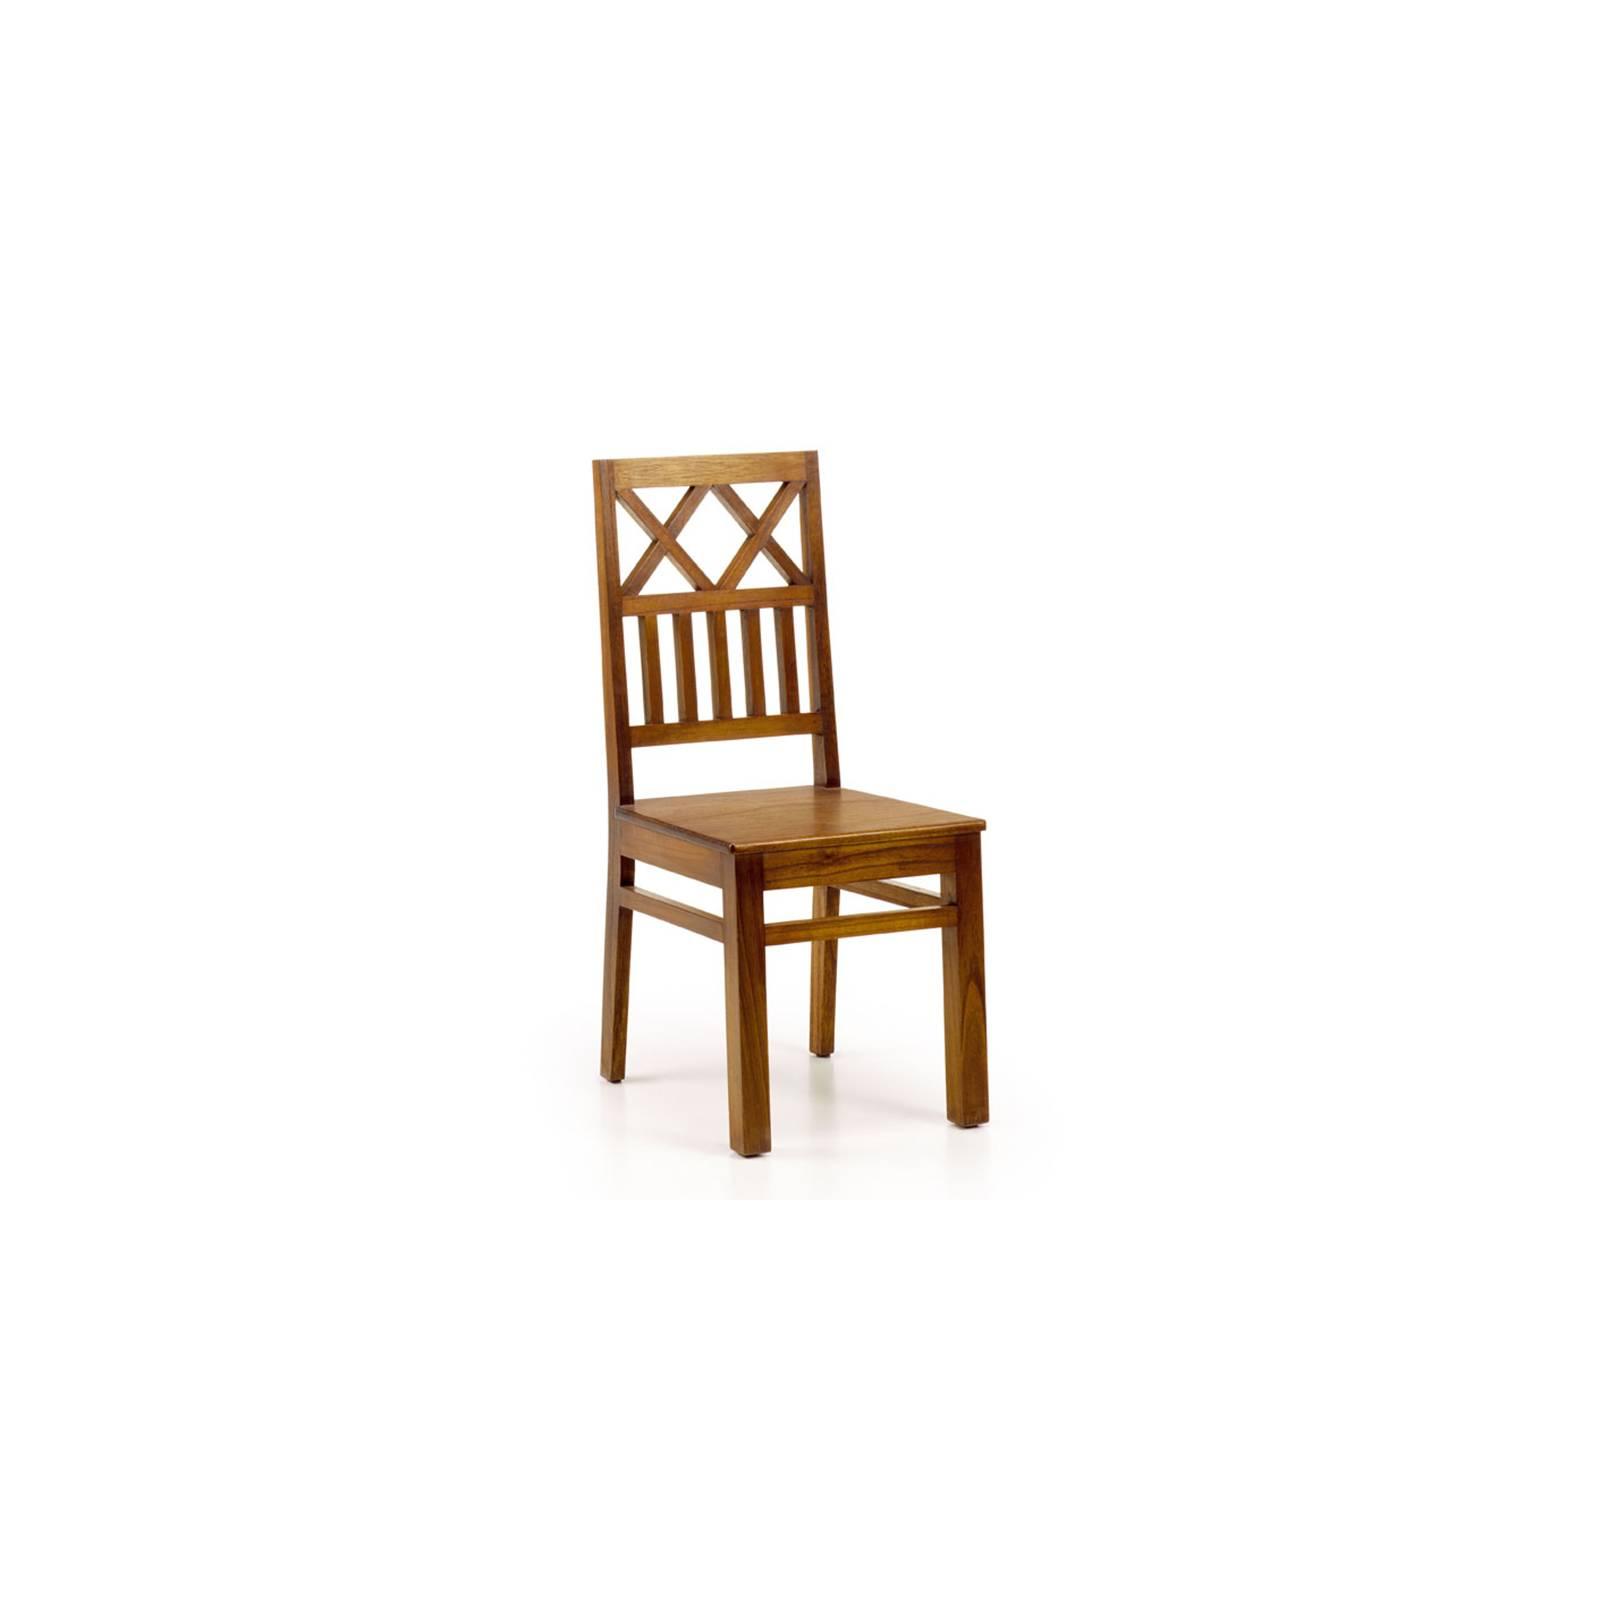 Chaise Croisillons Tali Mindy - meuble bois exotique